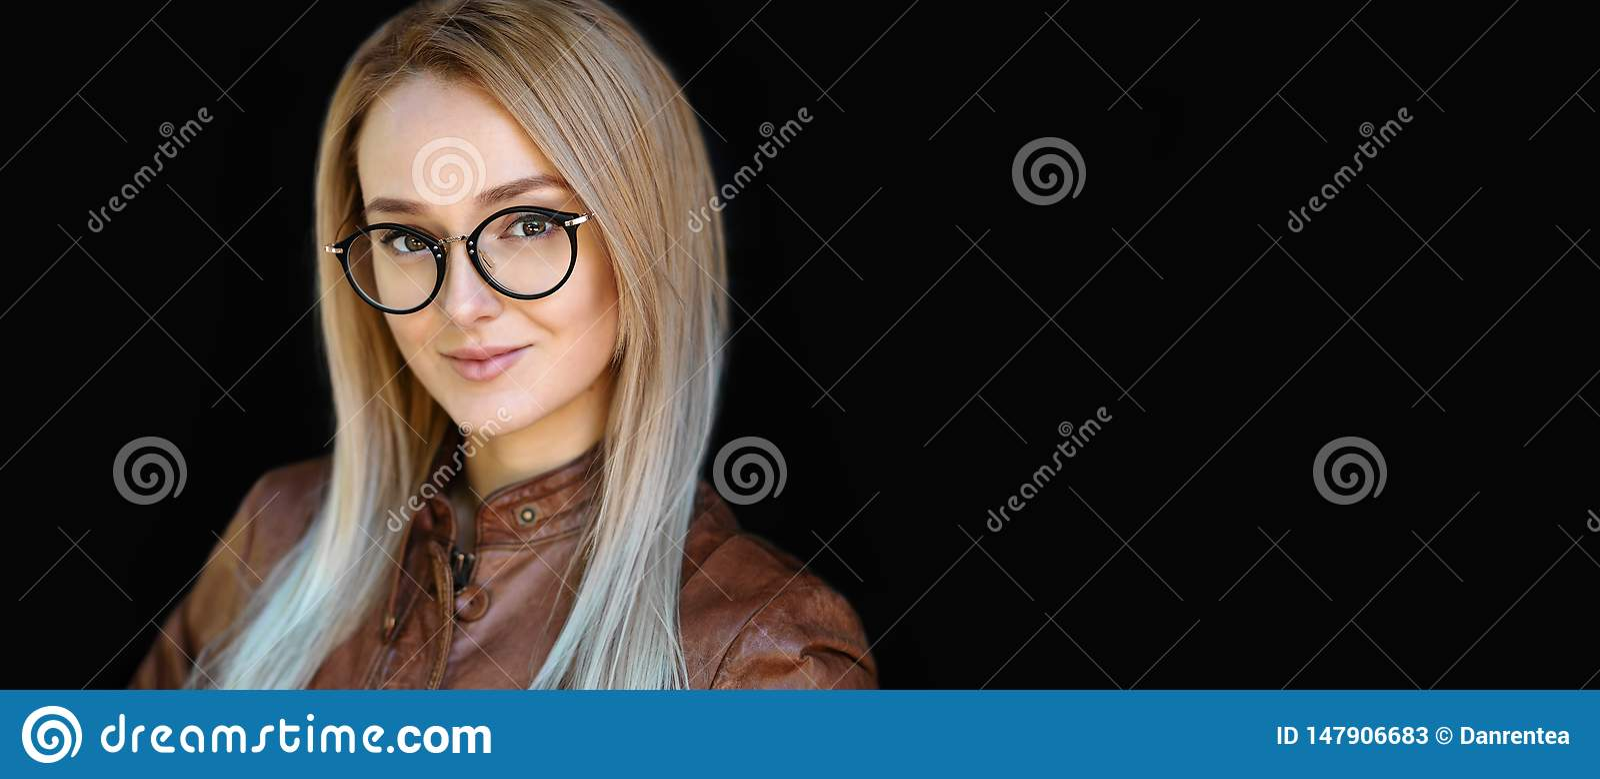 Occhiali femminili, ritratto di bella giovane donna sorridente che indossa la struttura ottica alla moda nera di vetro di progett